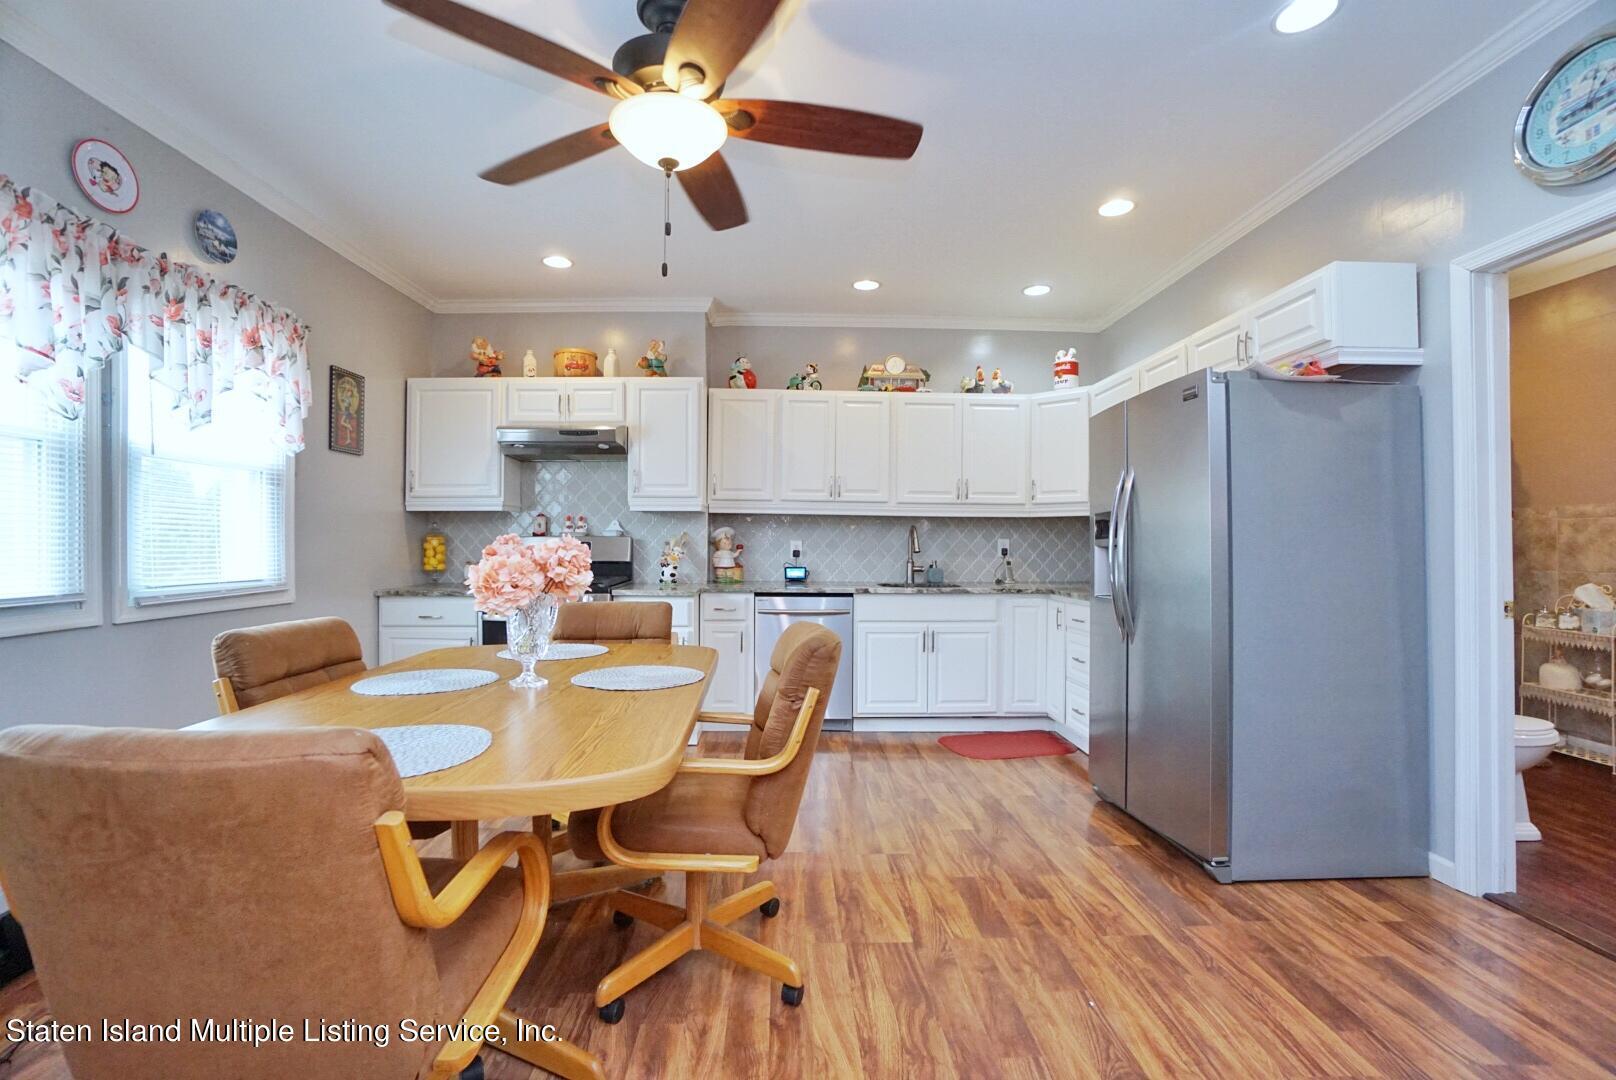 Single Family - Detached 226 Roma Avenue  Staten Island, NY 10306, MLS-1148579-20